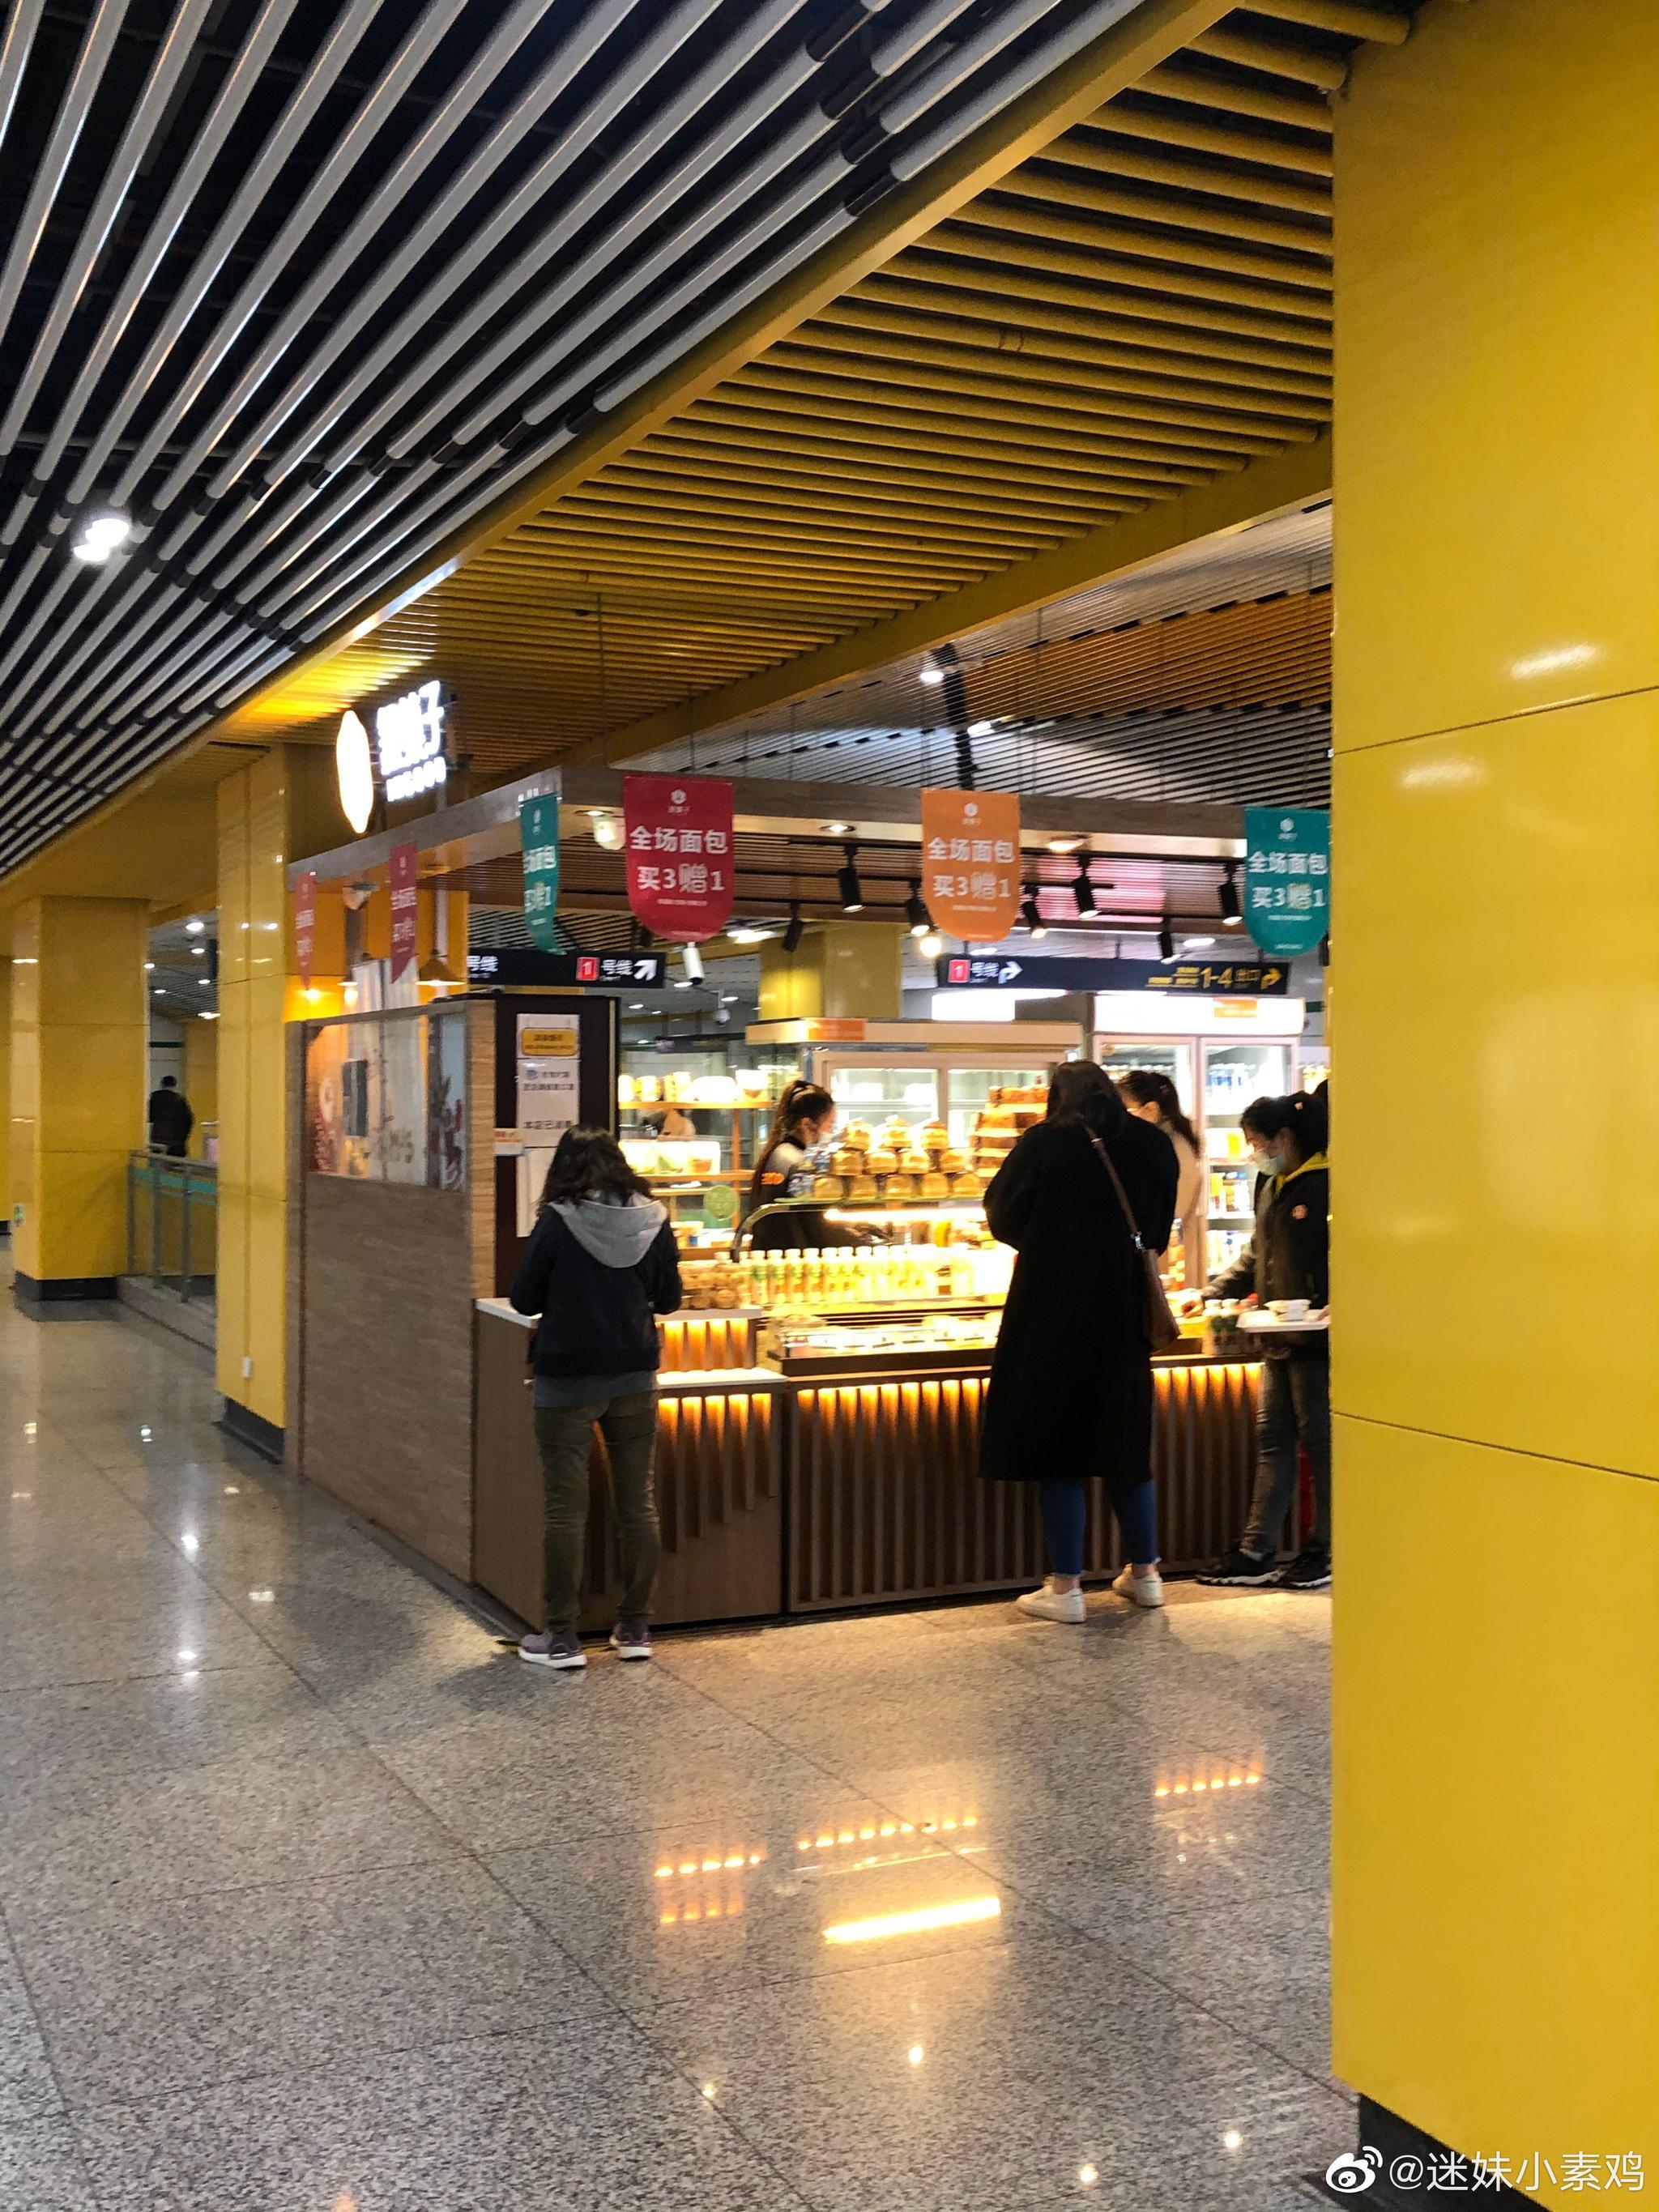 这是一条有味道的帖子,iapm地铁站下面这家面包店一直贴着几张图片